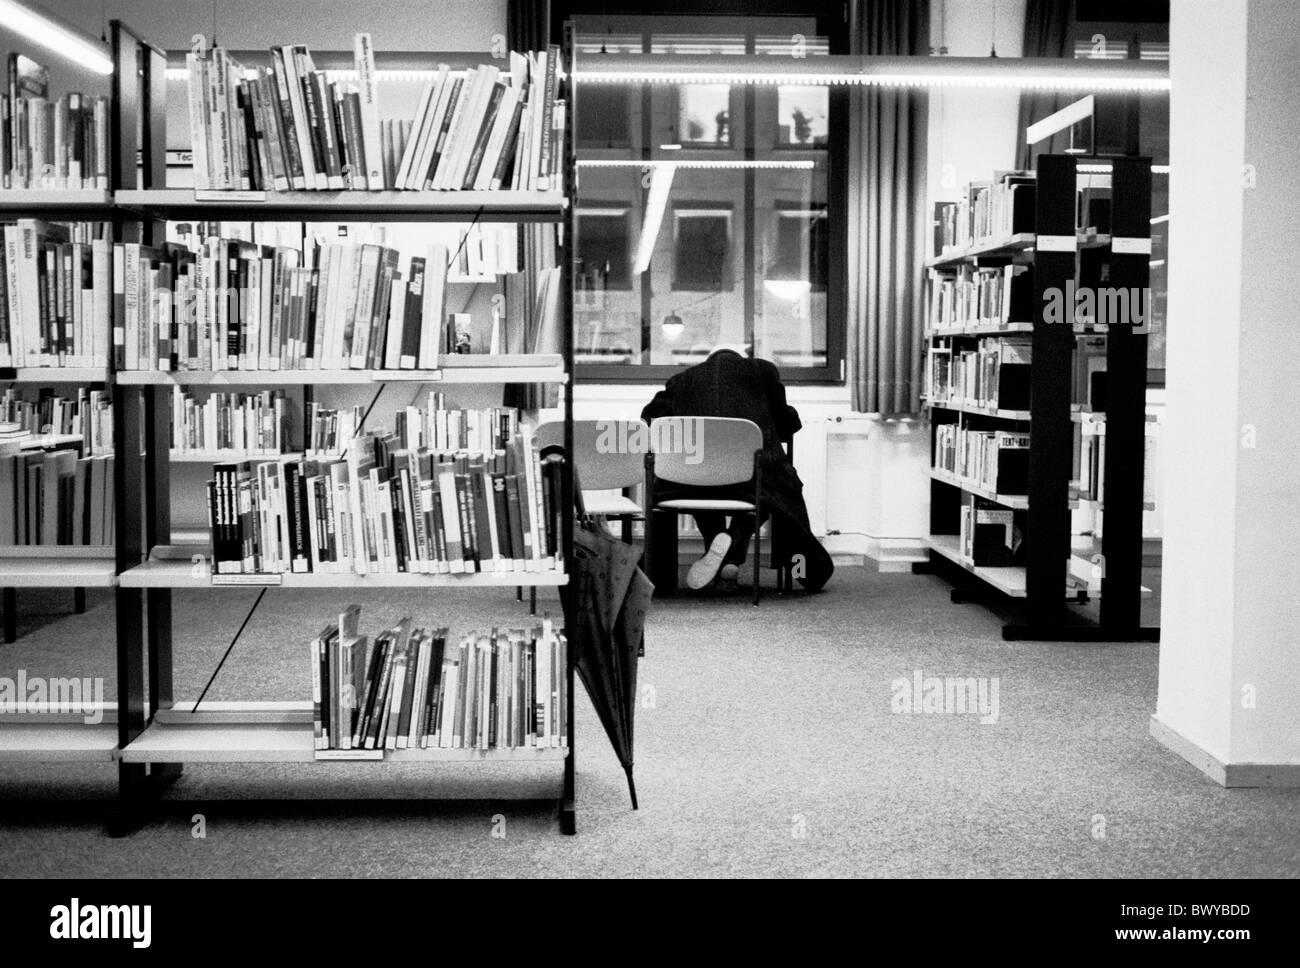 Archivo biblioteca libros estantes de libros dentro de leer literatura hombre estantes paraguas table des en blanco Imagen De Stock